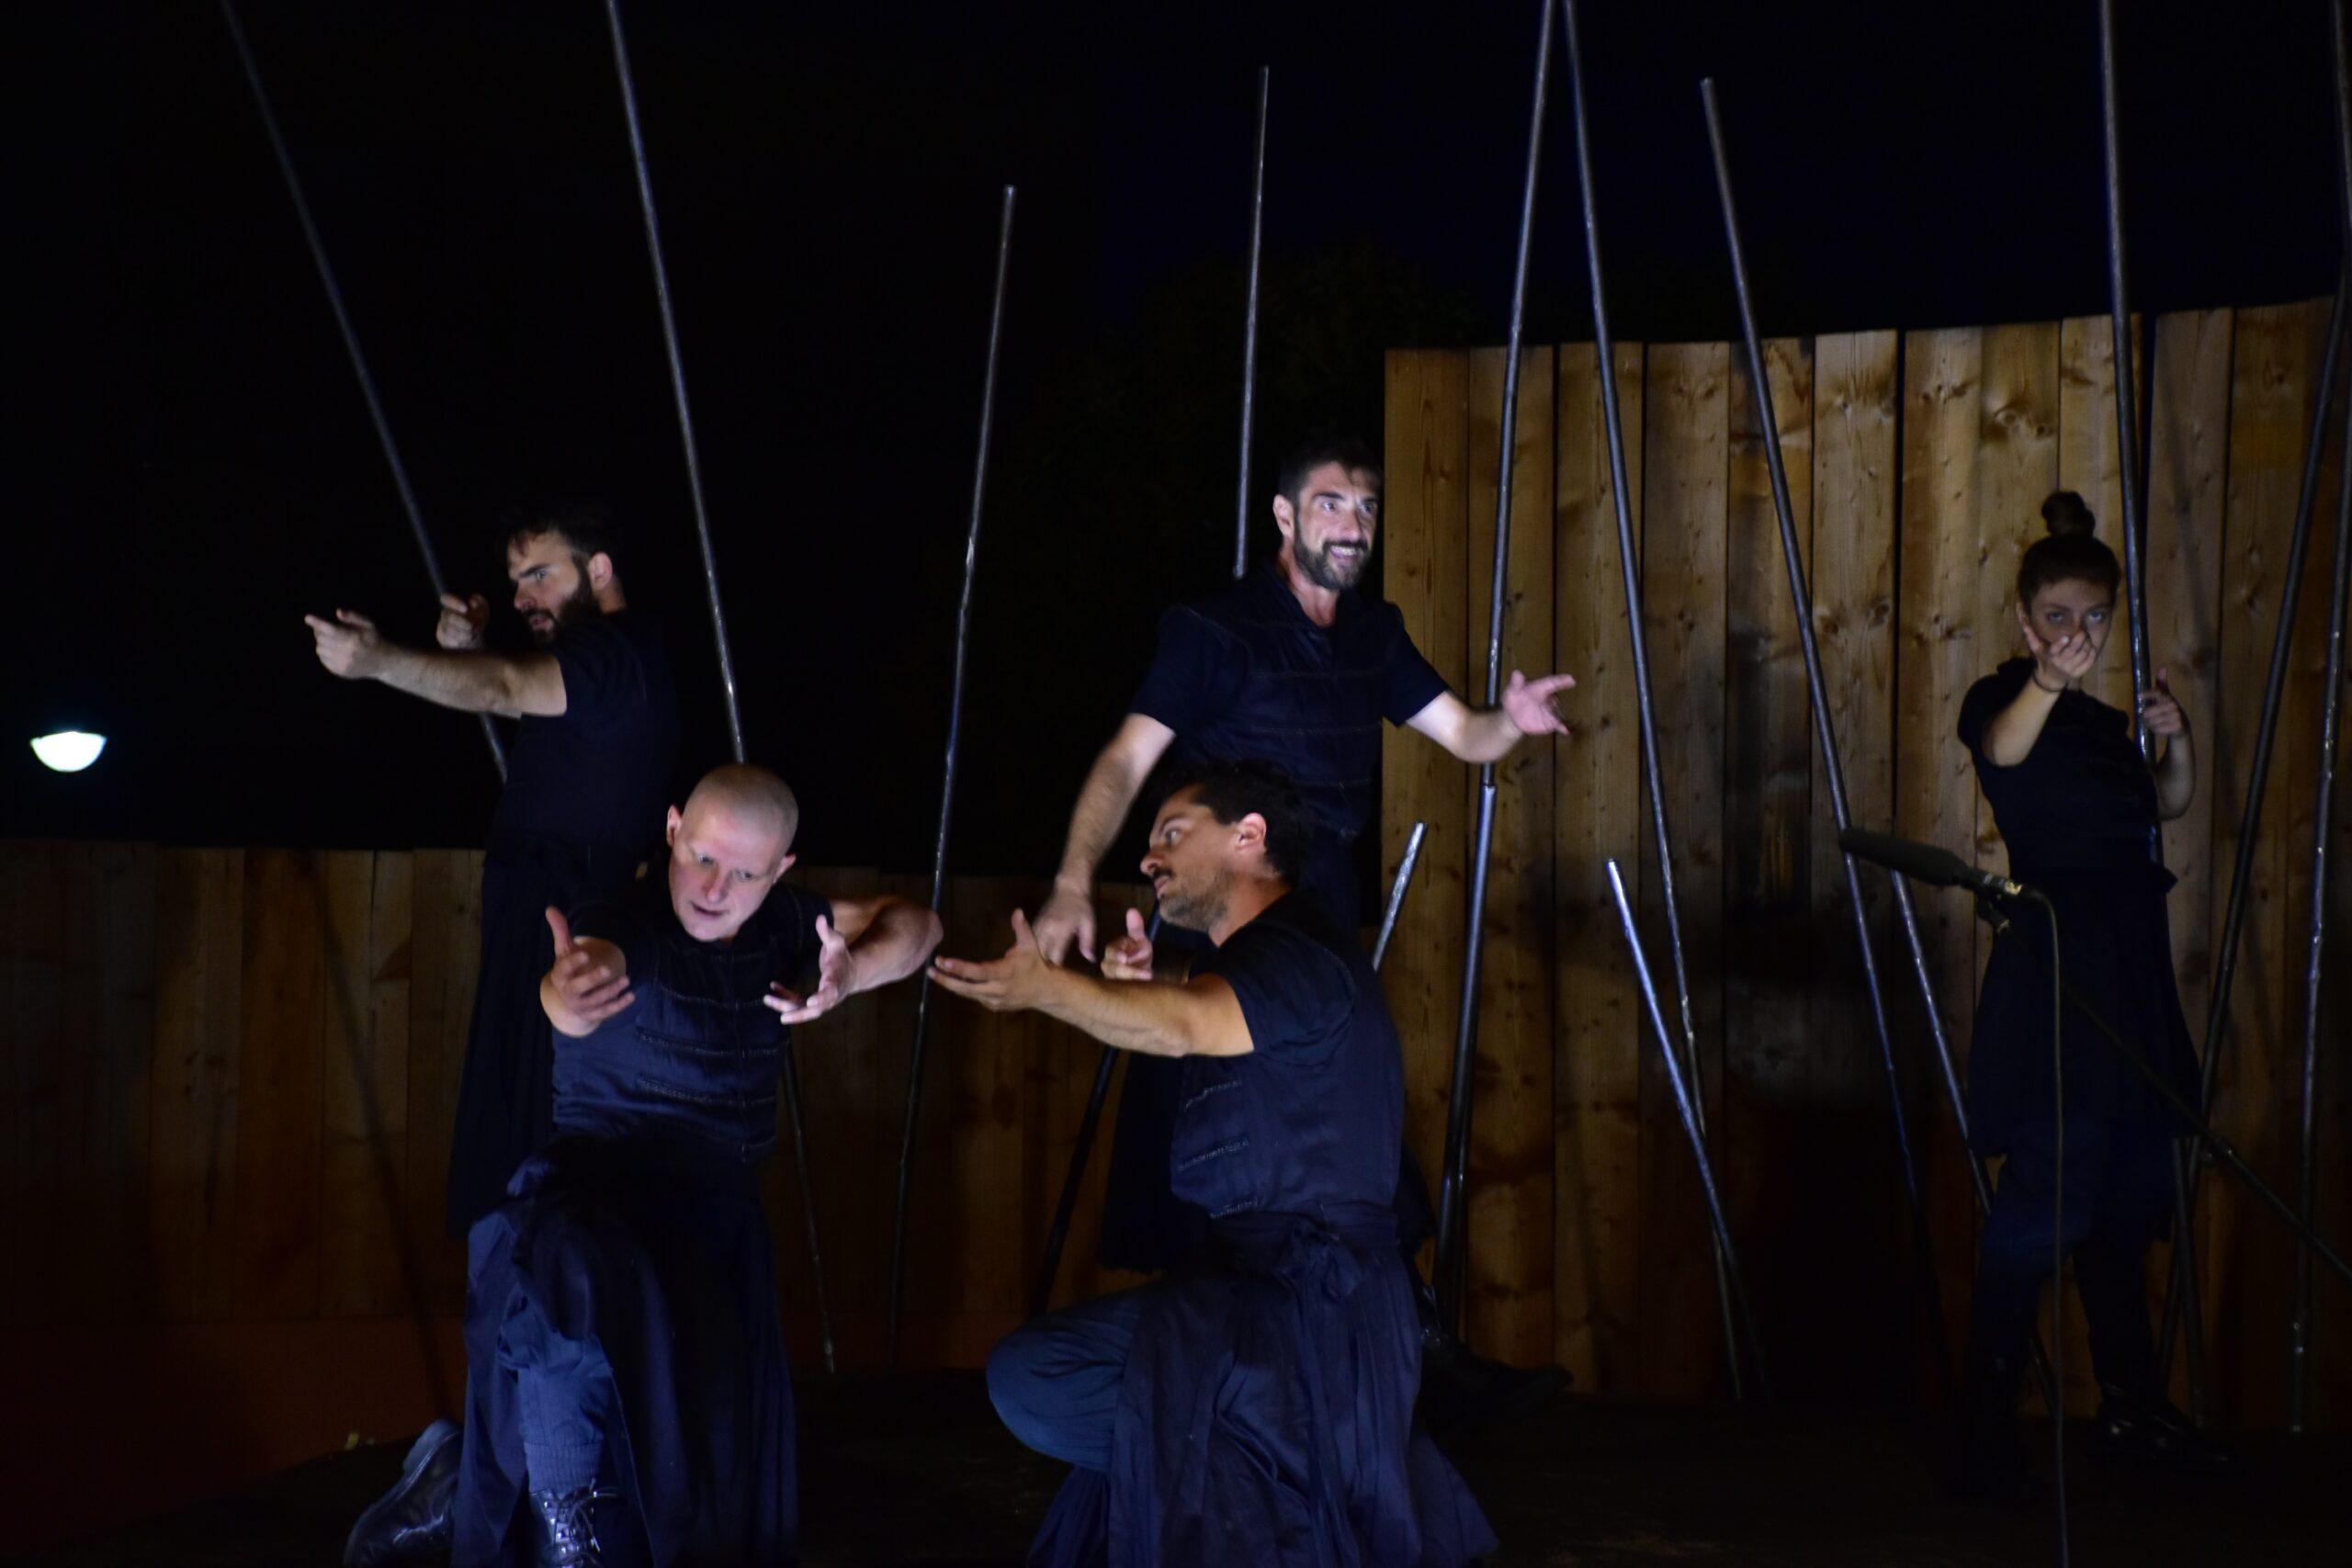 """Αμαλιάδα: Καθήλωσε το κοινό στην Οικία Τατάνη η παράσταση """"Ελευθερία, ο ύμνος των Ελλήνων"""" από το ΔΗ.ΠΕ.ΘΕ. Πάτρας"""